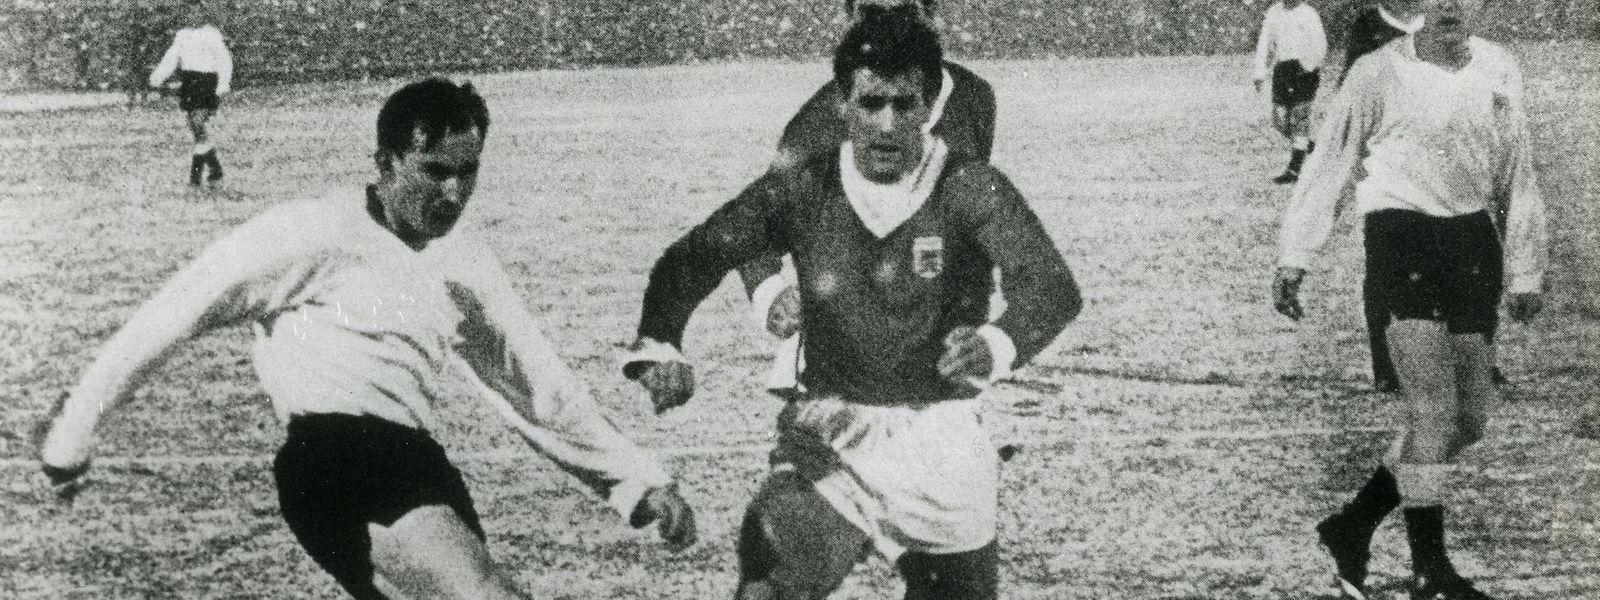 François Konter (r.) im Duell mit Dänemarks Ole Madsen. Das Foto entstand im Jahr 1963.